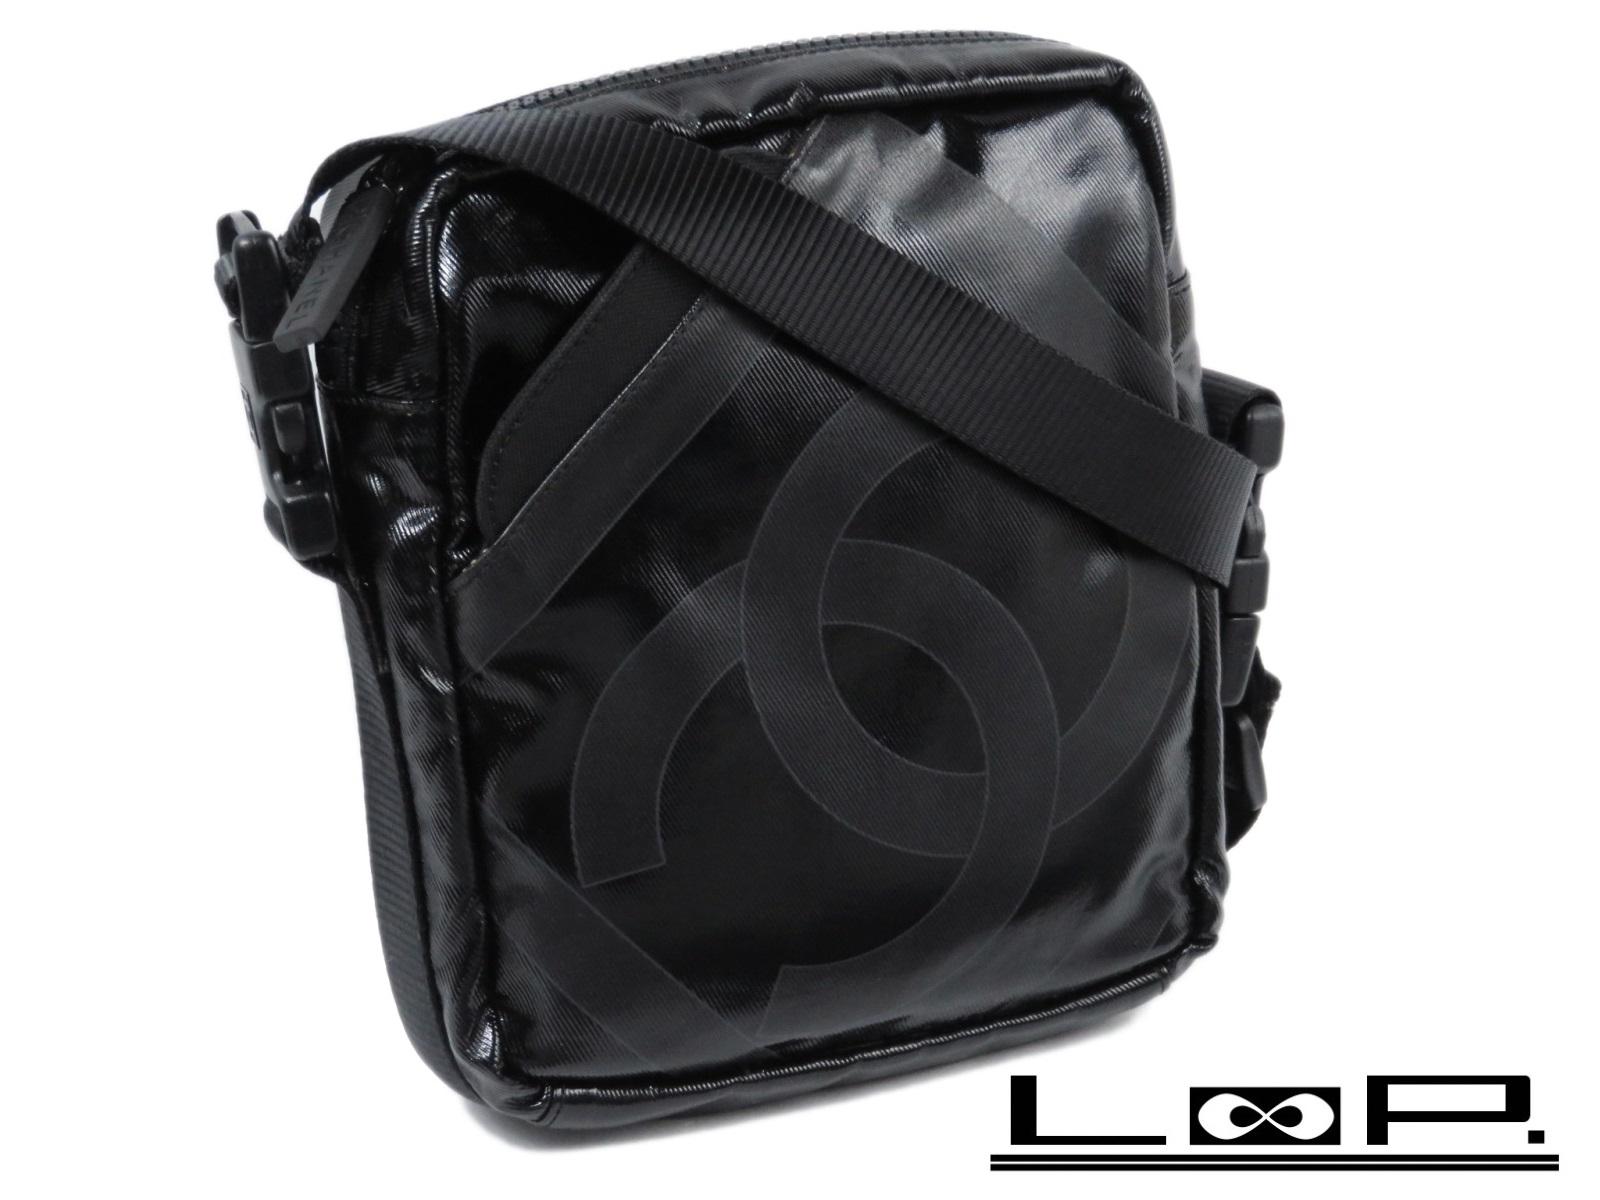 【CHANEL】 シャネル ココ ショルダー バッグ スポーツ ライン PVC ブラック クロ 黒 【A26568】 【中古】